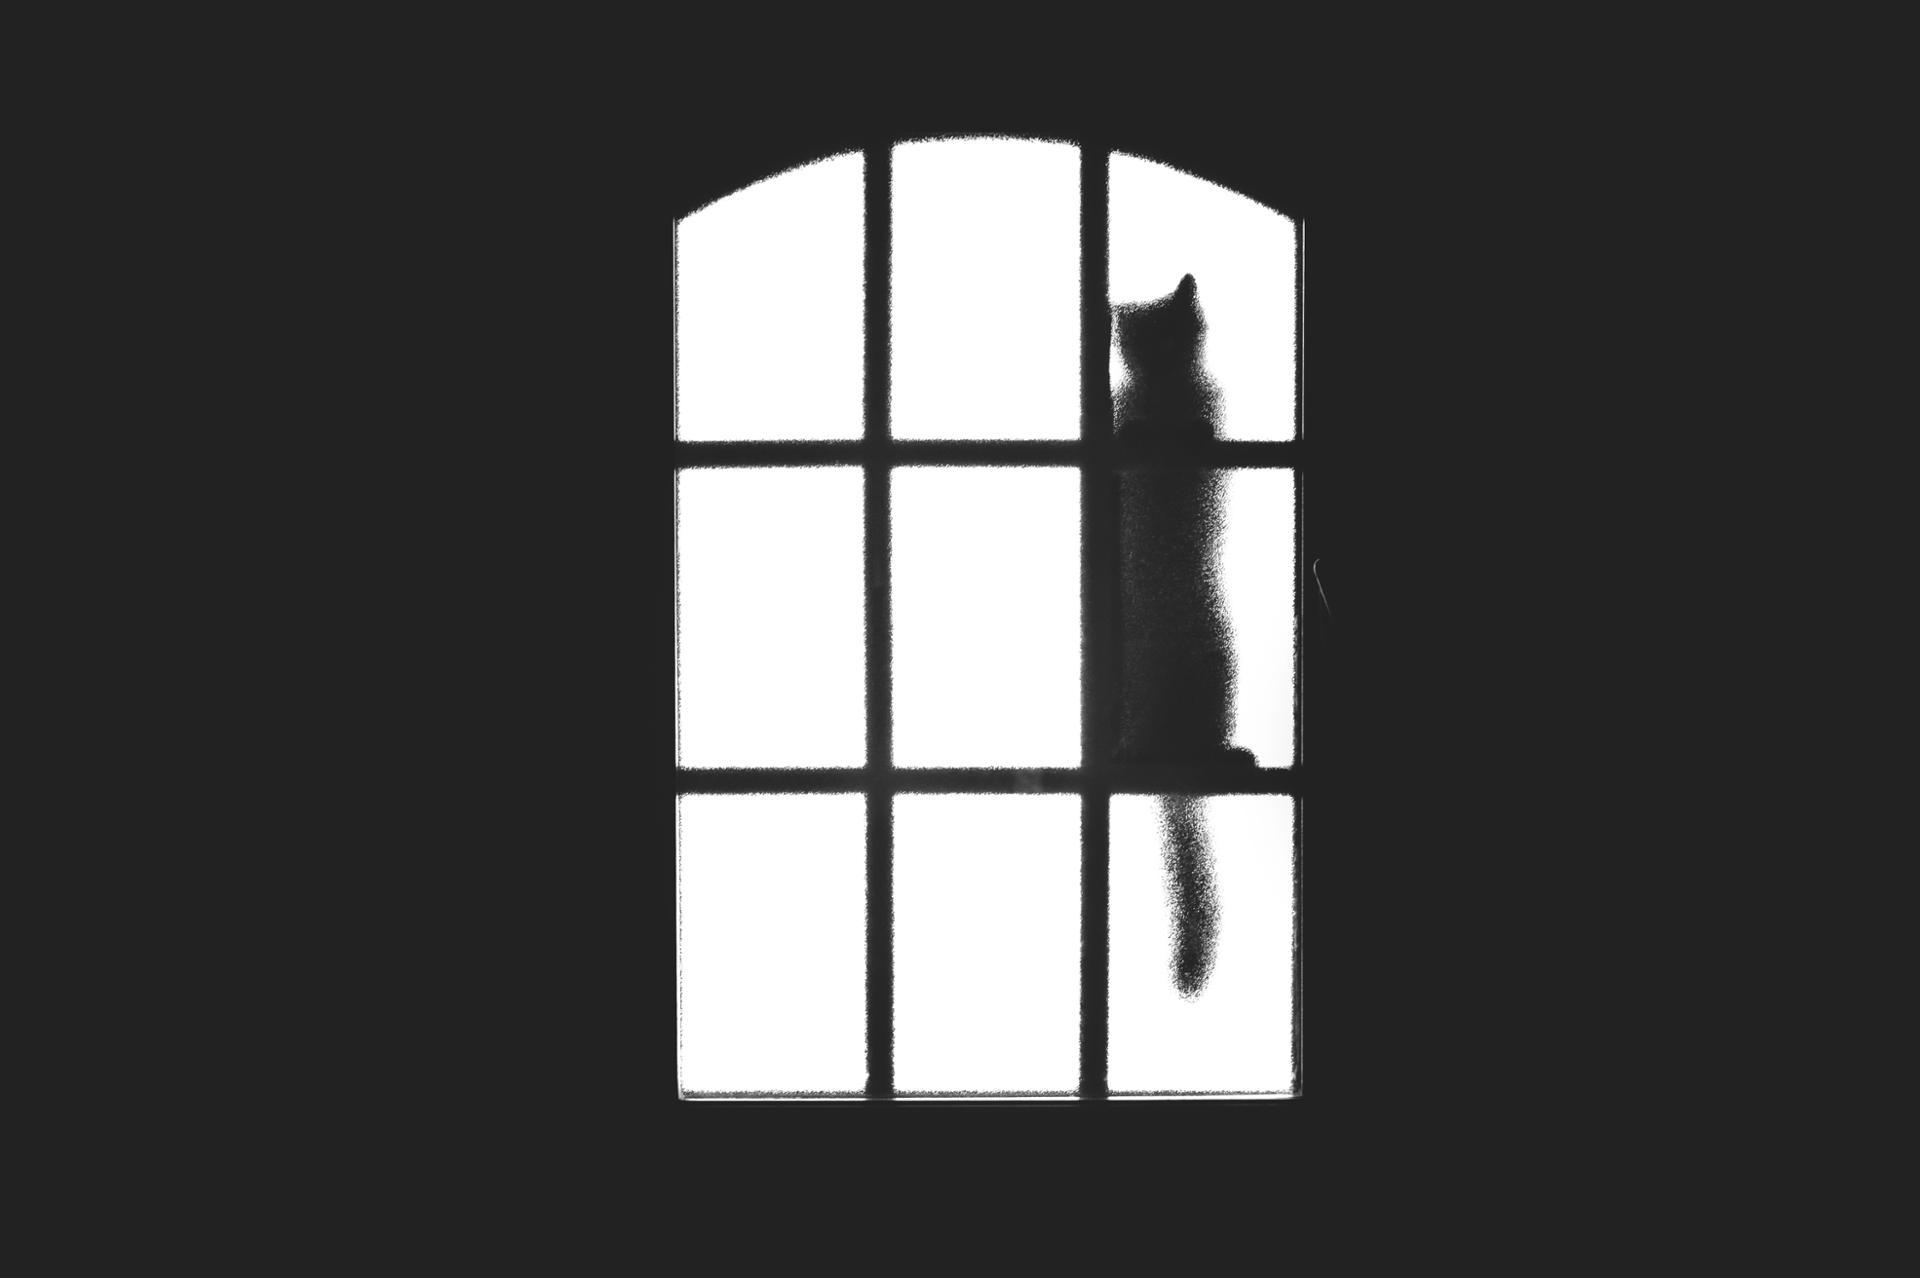 J'ai vu un chat